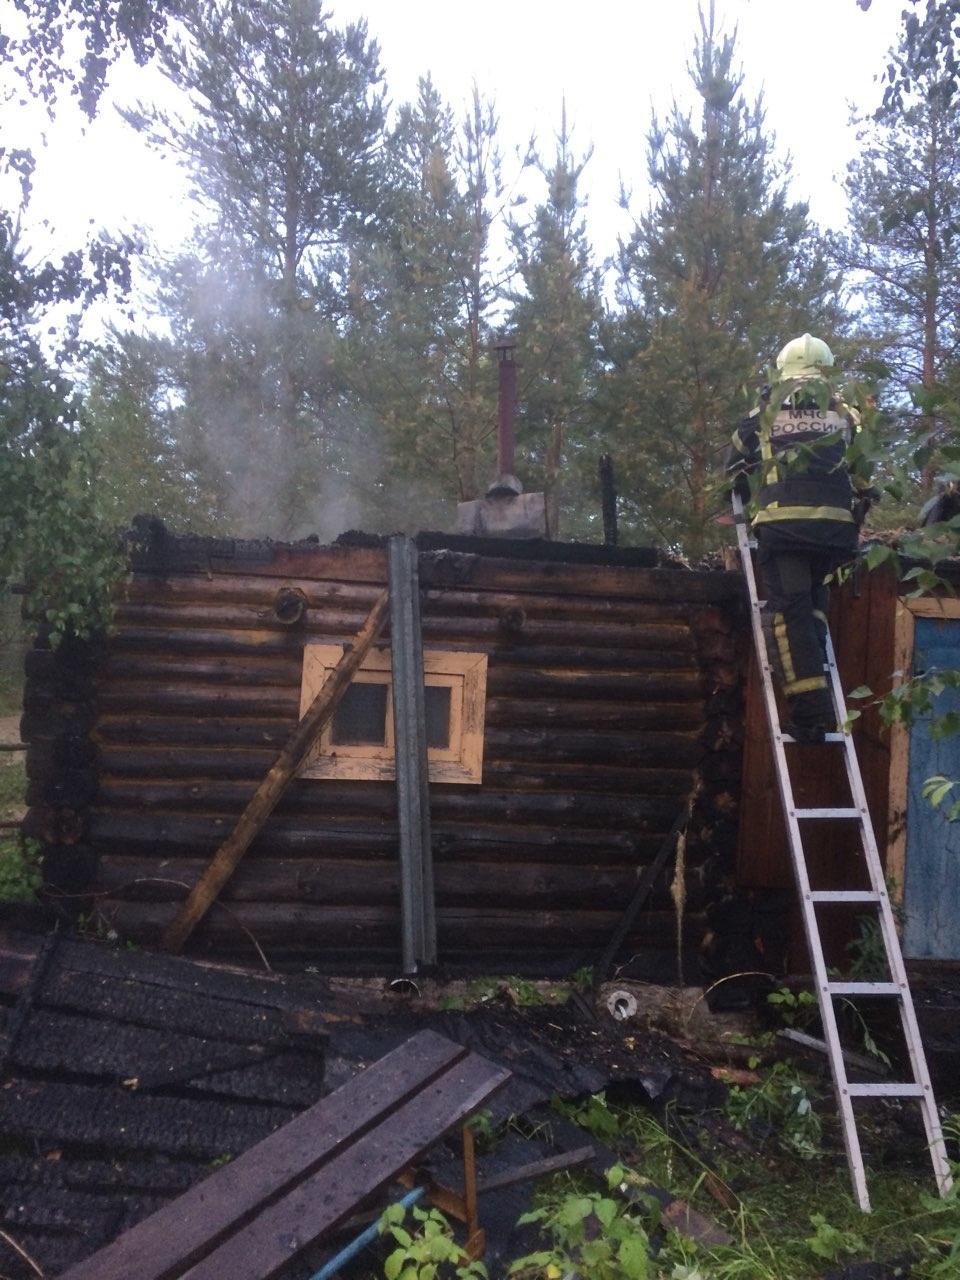 Пожарно-спасательные подразделения привлекались для ликвидации пожара в Пудожском районе.